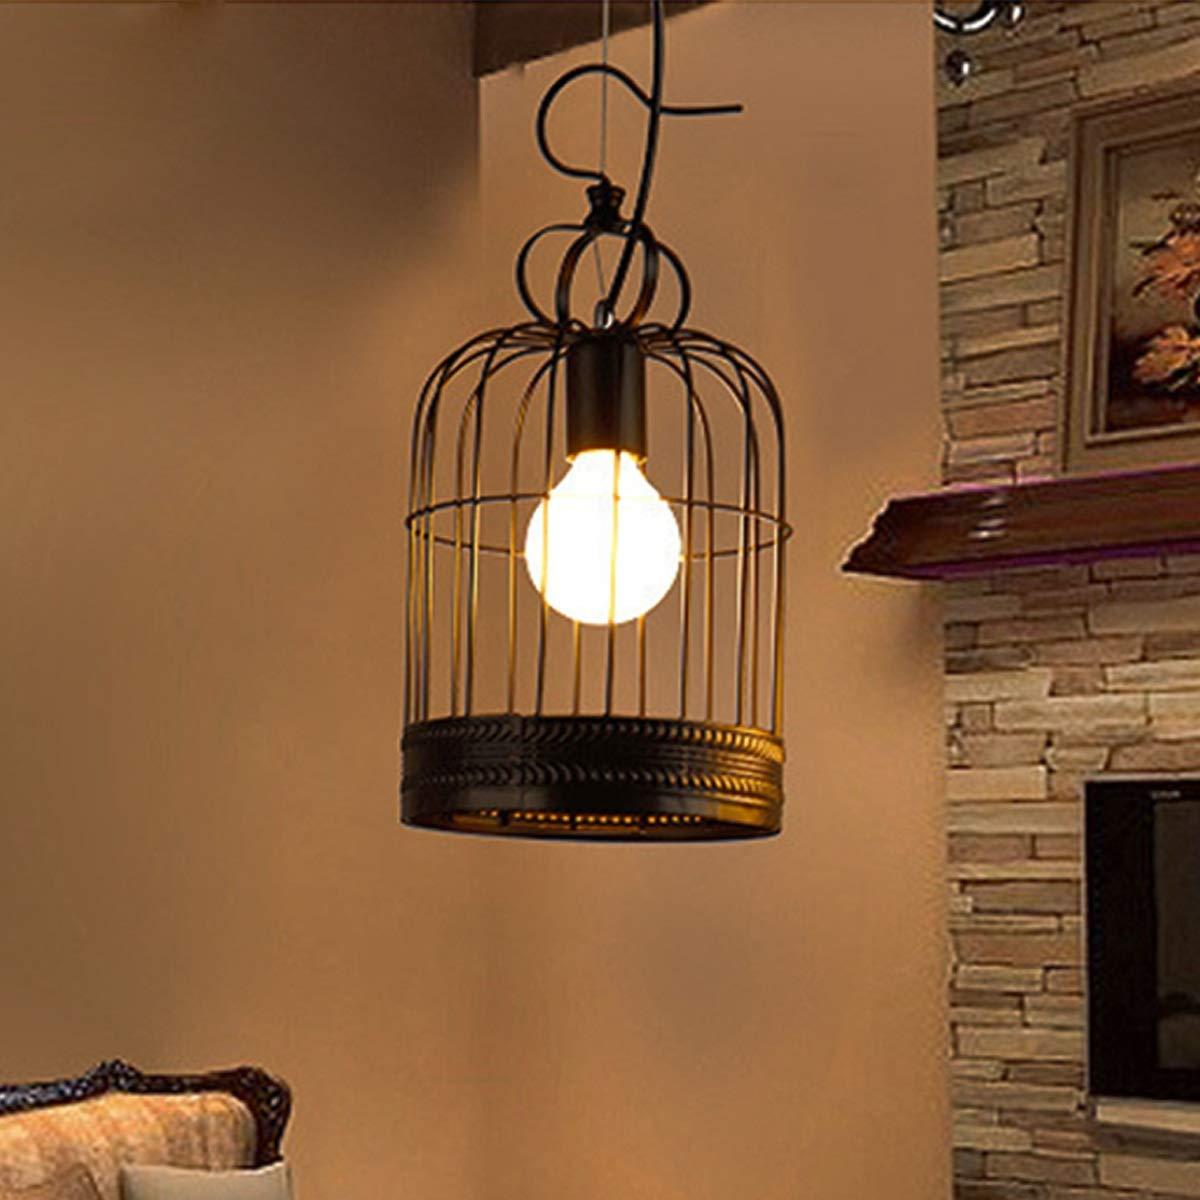 Weichunya Stilvolle E27 / E26 Eisen Kronleuchter Kreative Lichter Anhänger Retro Kronleuchter Vintage Deckenleuchte Lampe Vogelkäfig Geformte Schlafzimmer (Farbe : Weiß, Größe : AC 220V)